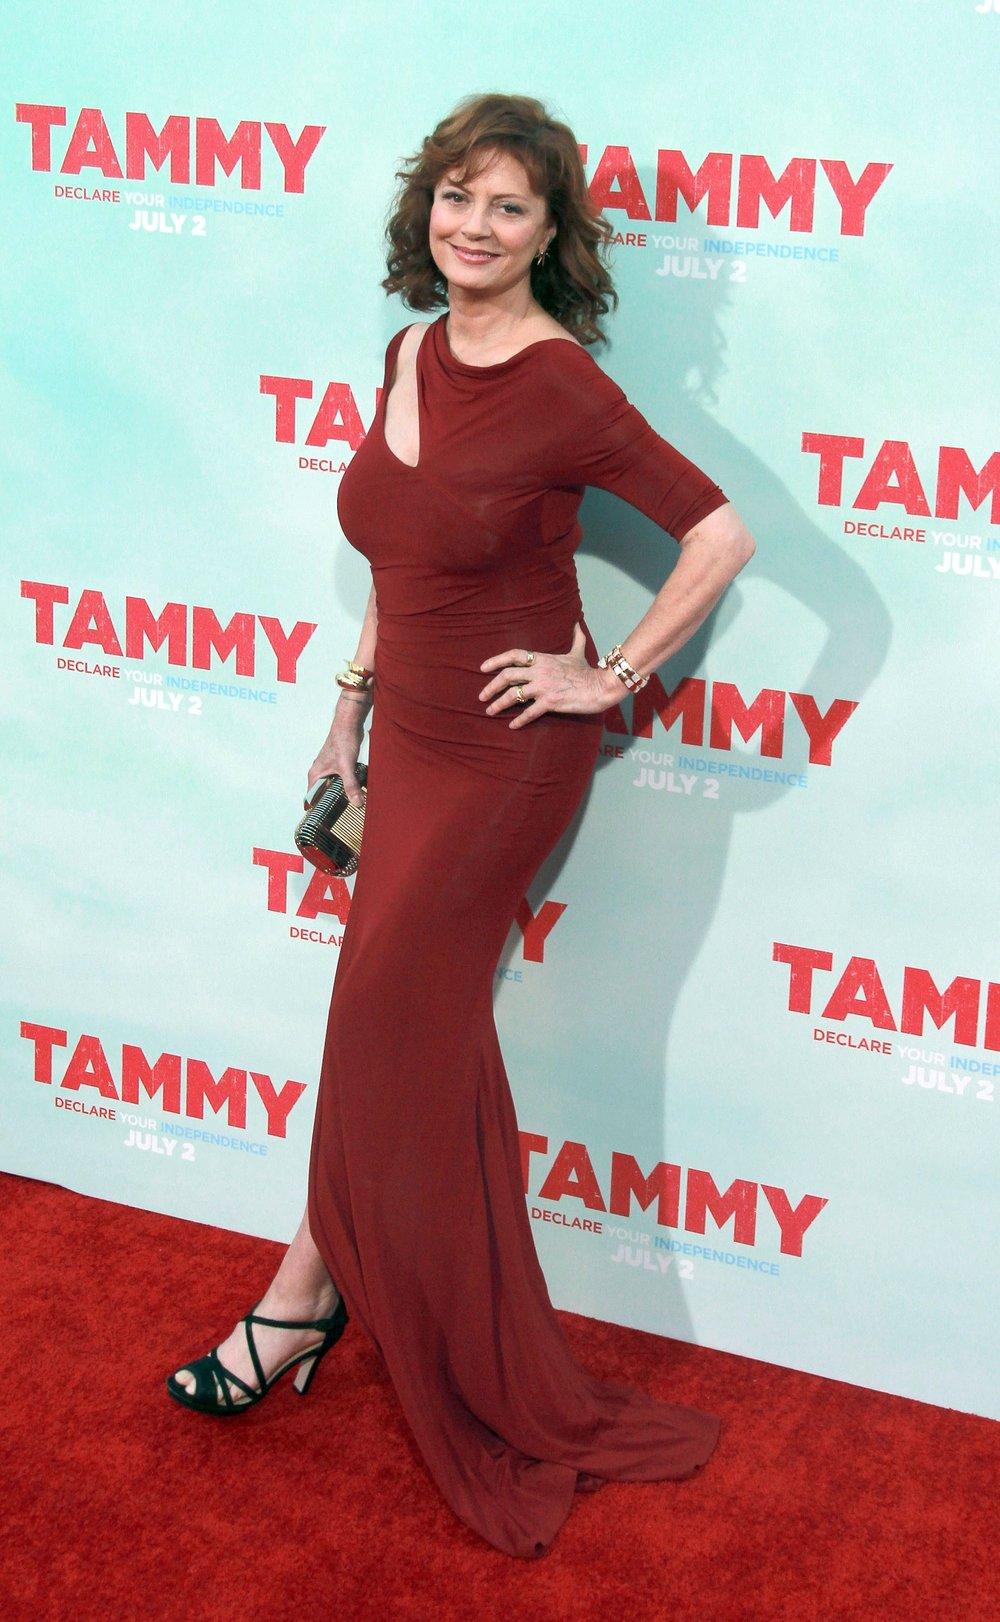 Tammy Premiere_001.JPG